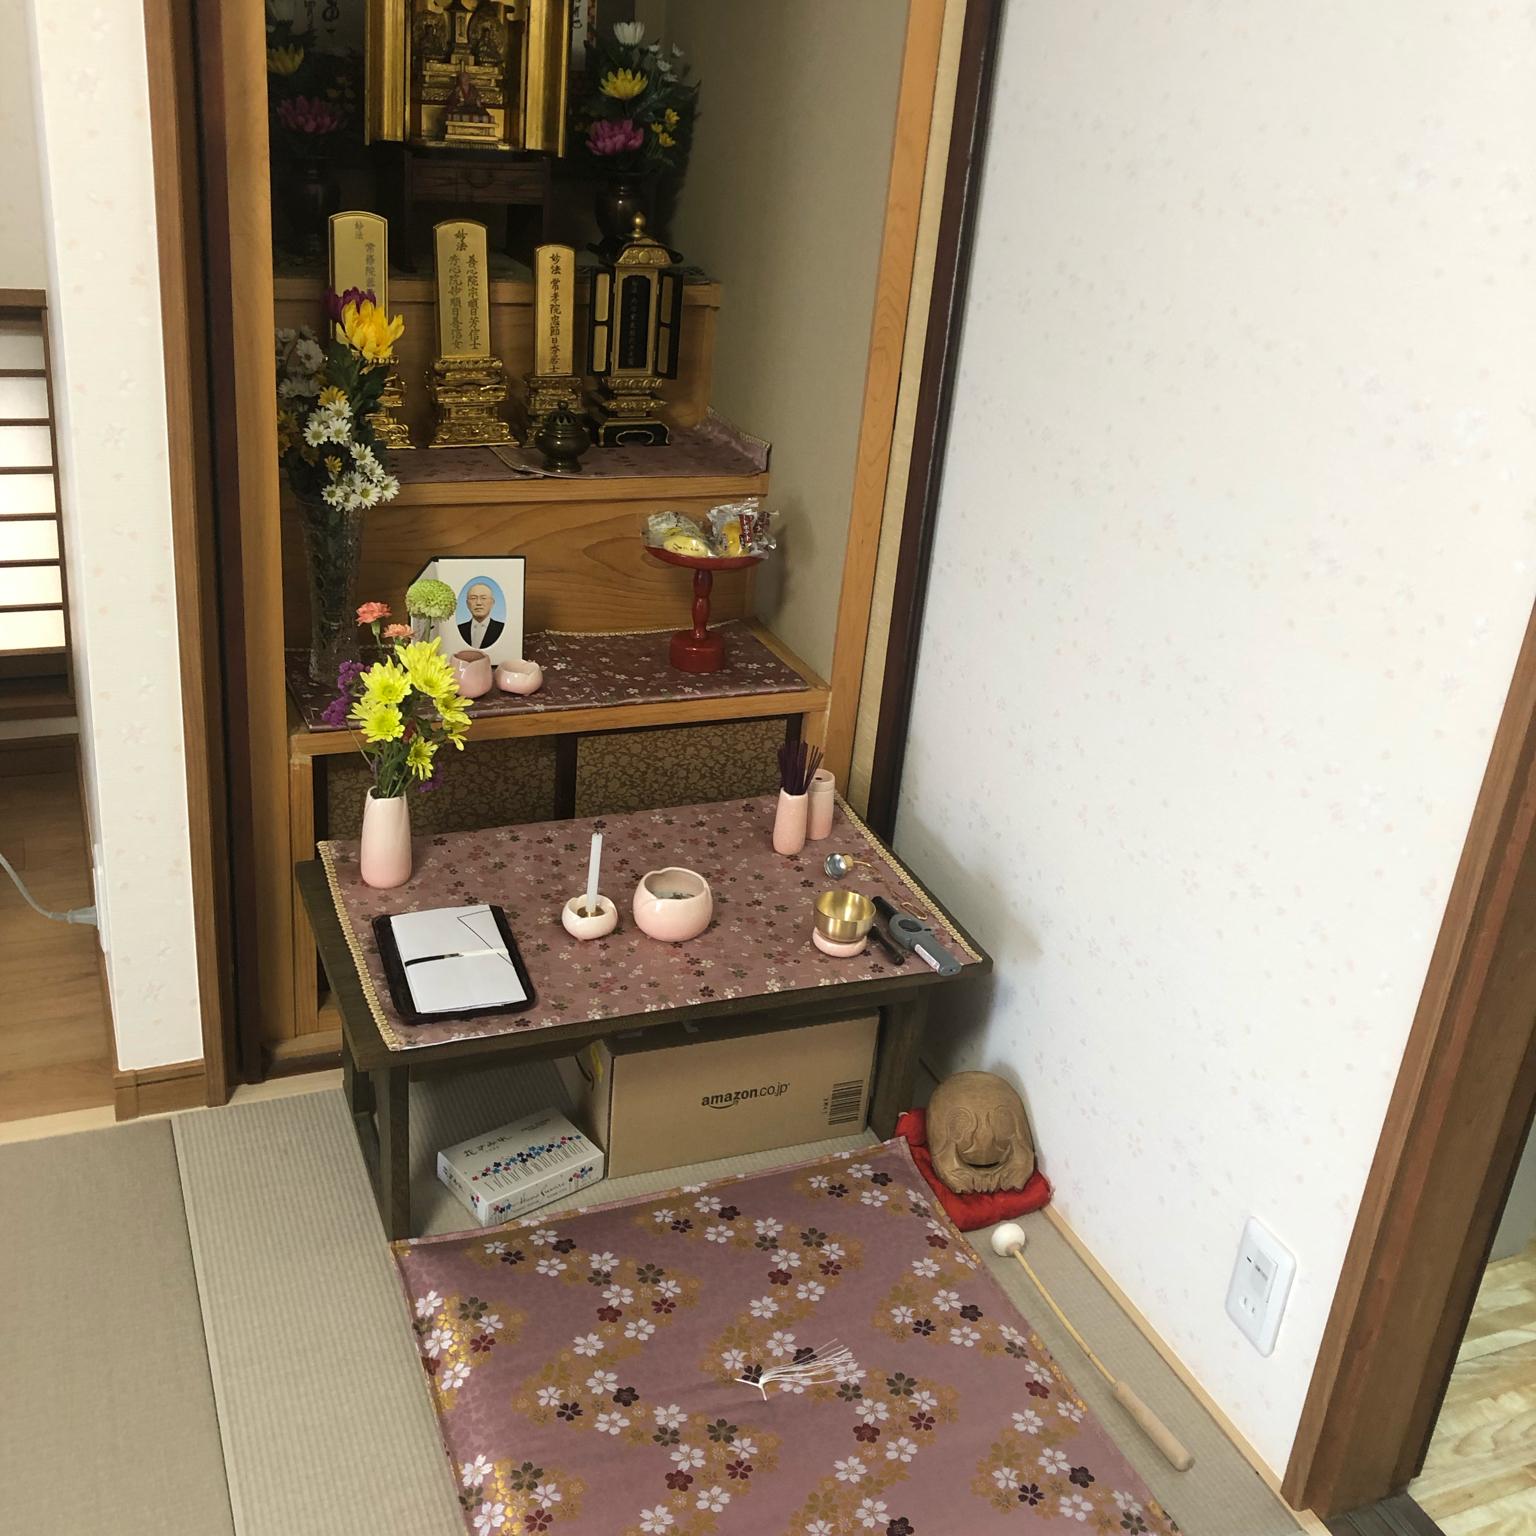 仏壇スペース/仏壇のある部屋/リビングのインテリア実例 - 2021-05-14 13:50:32